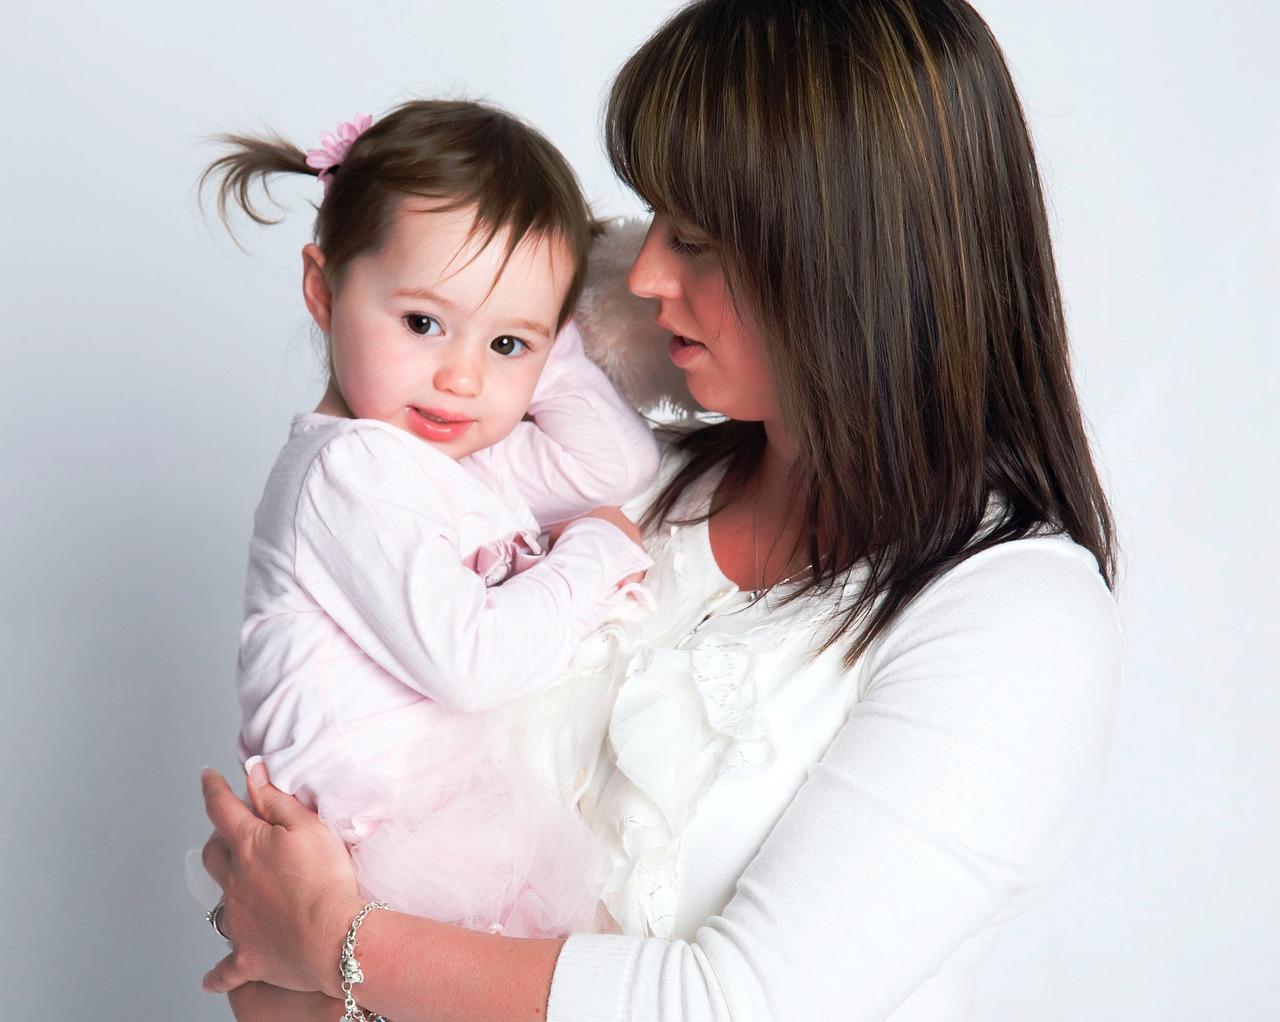 Odpowiadanie za dziecko może spowalniać rozwój mowy 3-latka